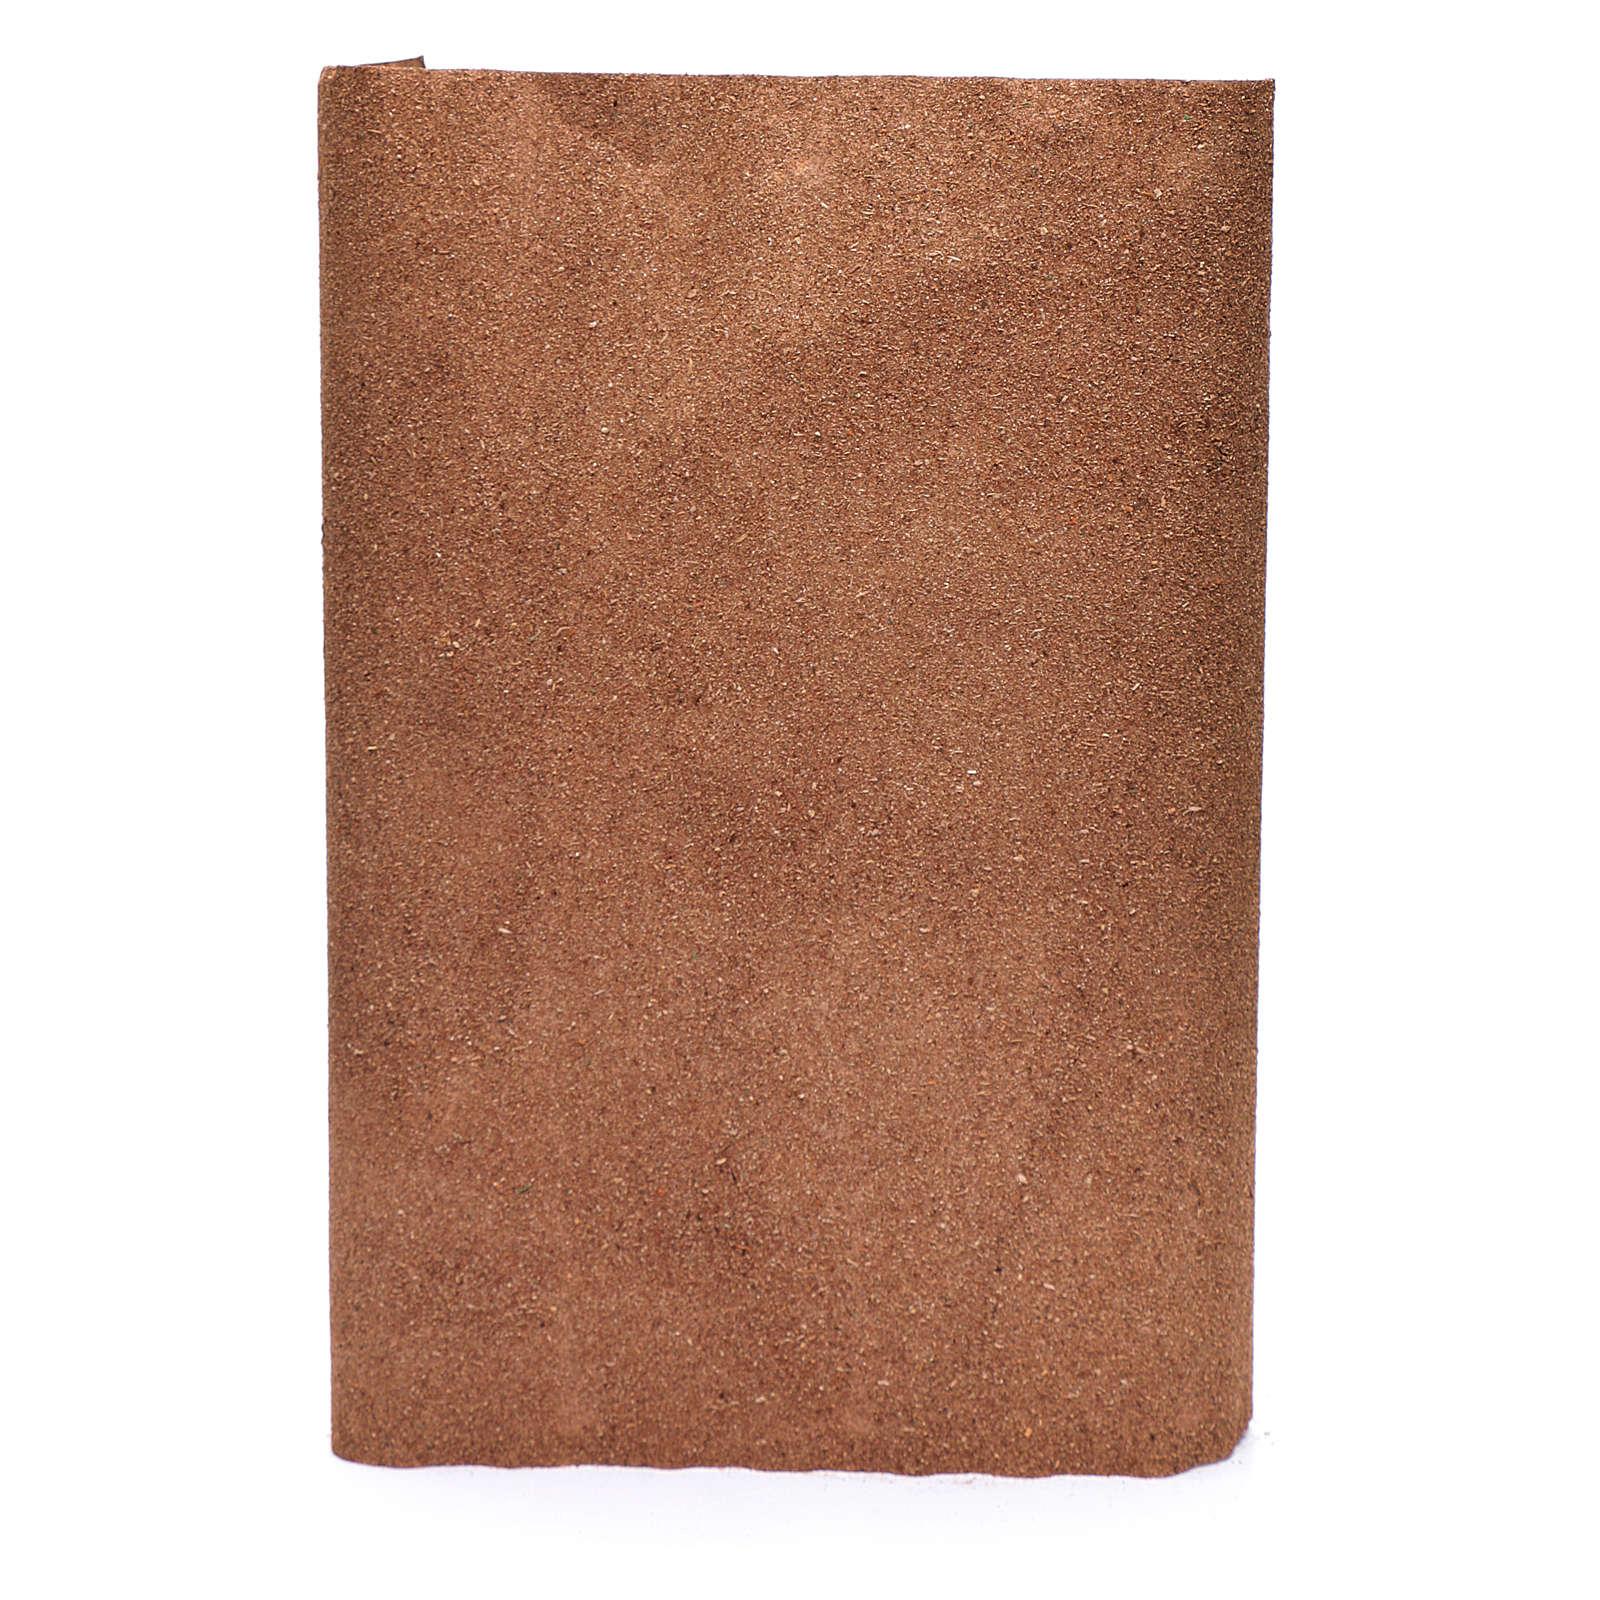 Rotolo carta marrone per presepe fai da te 50x70 cm 4